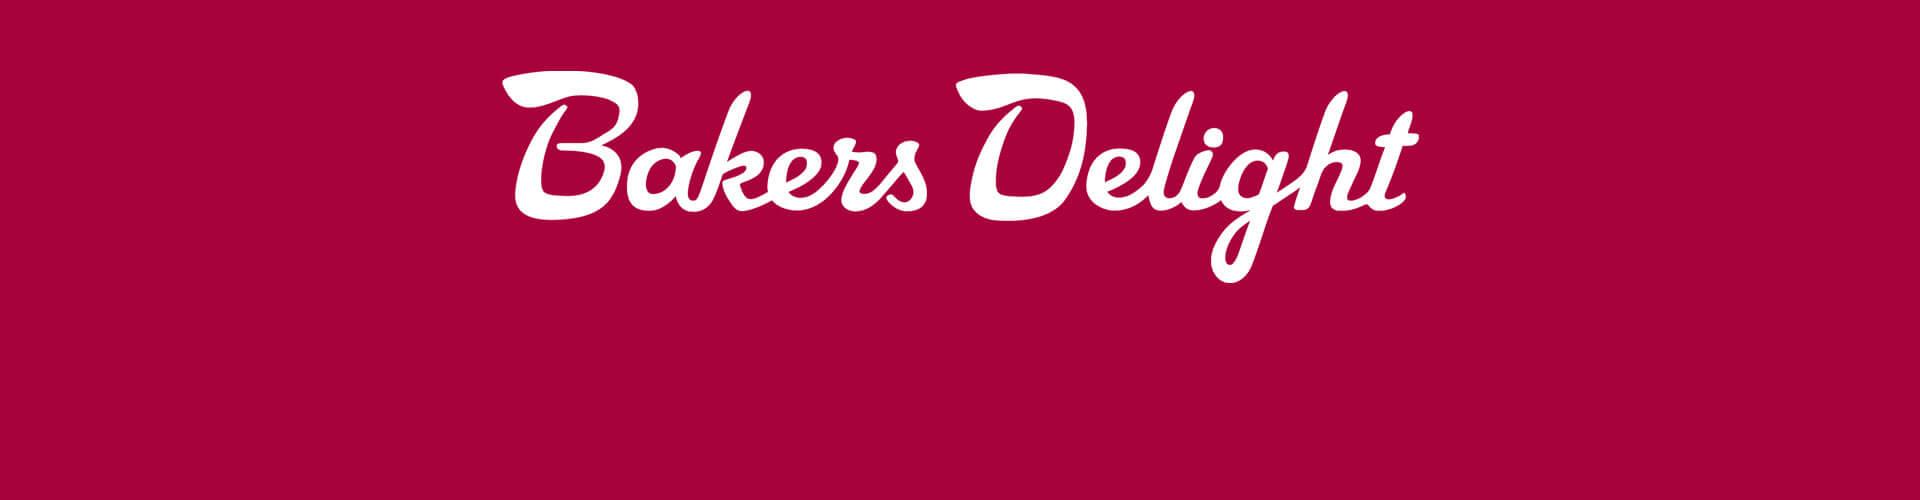 Baker-Delight